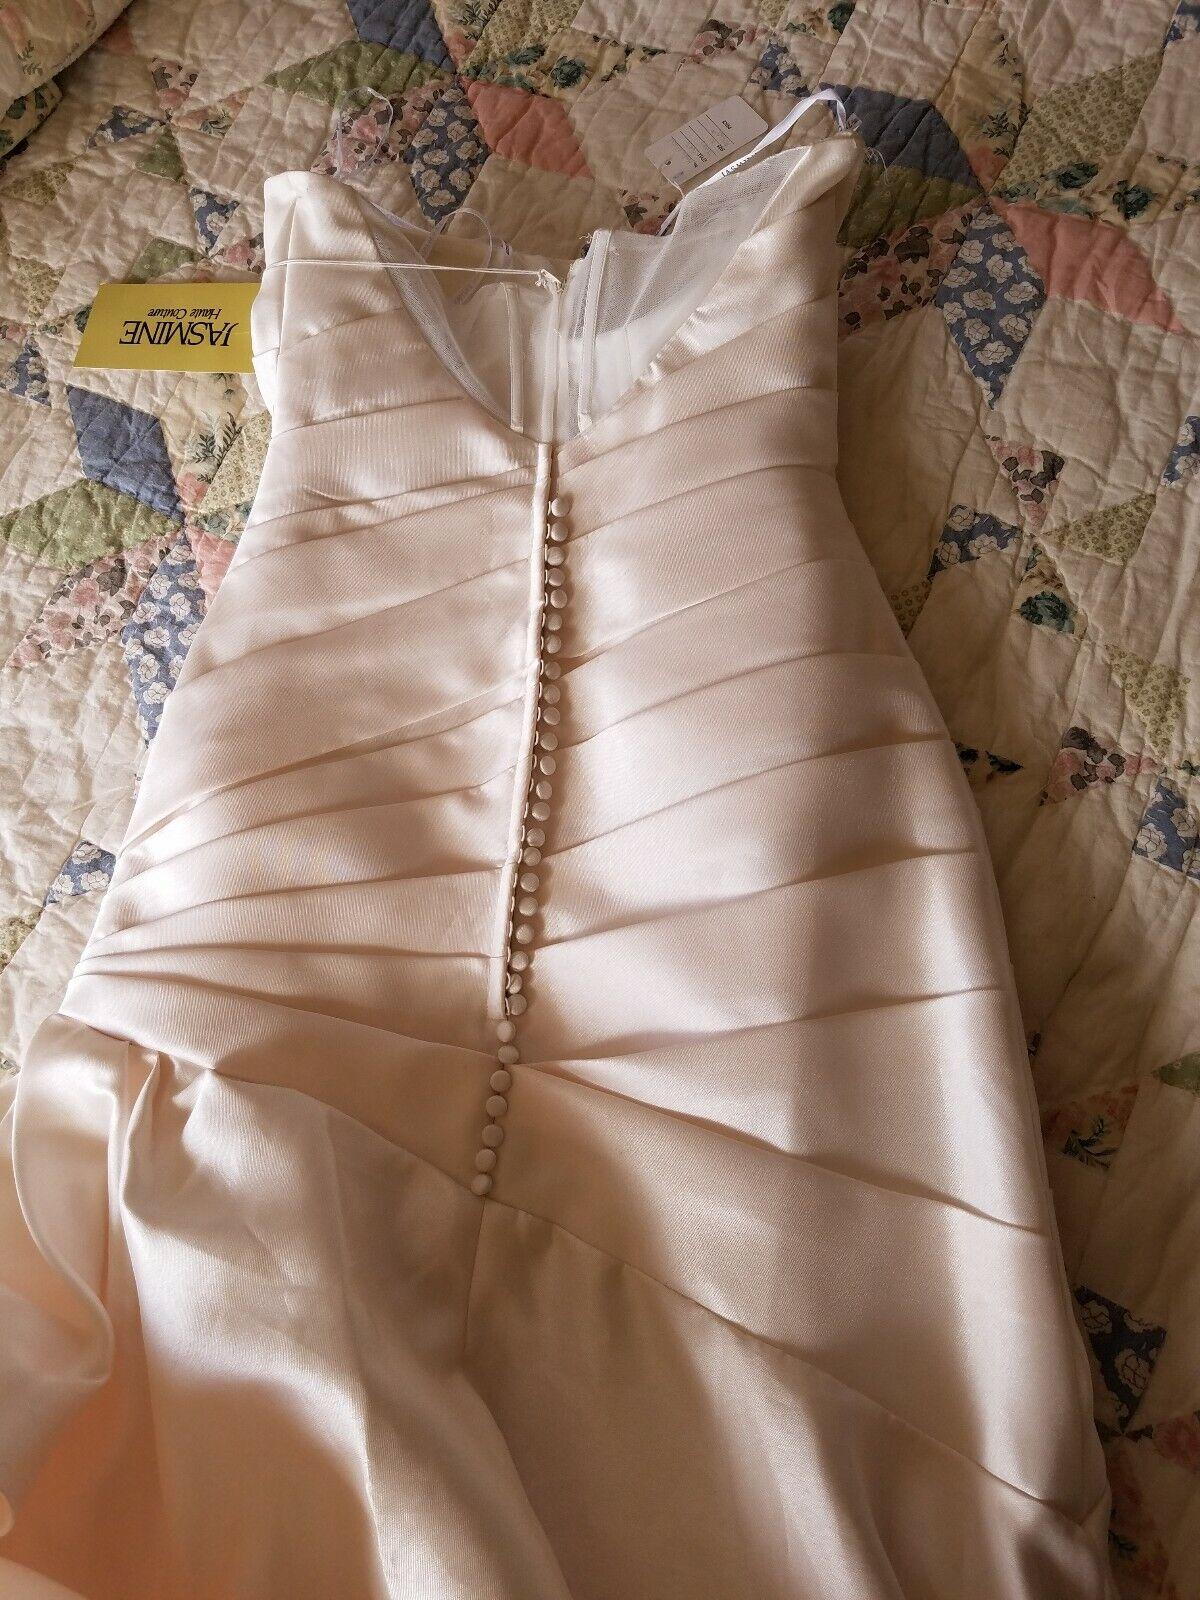 Jasmine Couture Ivory Wedding Dress Size 10 - image 4